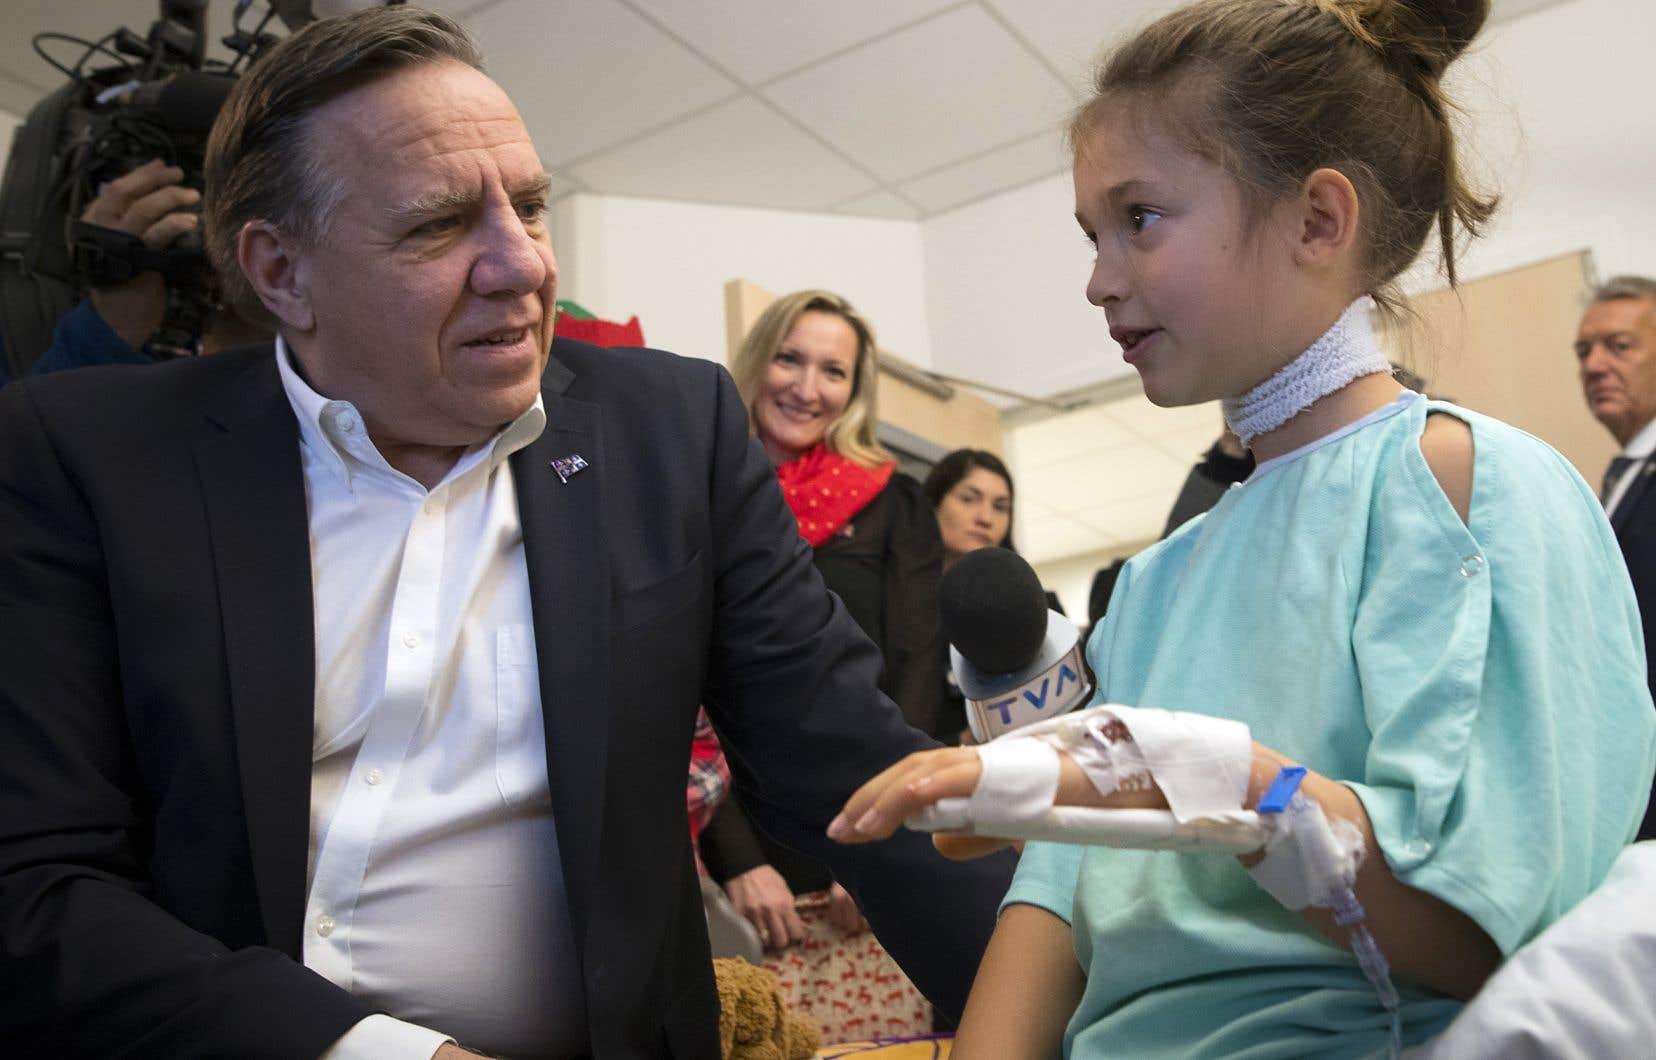 Le premier ministre François Legault a passé une partie de la matinée vendredi à rencontrer des enfants hospitalisés à l'hôpital Sainte-Justine, à Montréal. Il était notamment accompagné du ministre Lionel Carmant, longtemps médecin dans cette institution. «Le courage des enfants que j'ai rencontrés meva droit au cœur», a-t-il indiqué après sa visite.